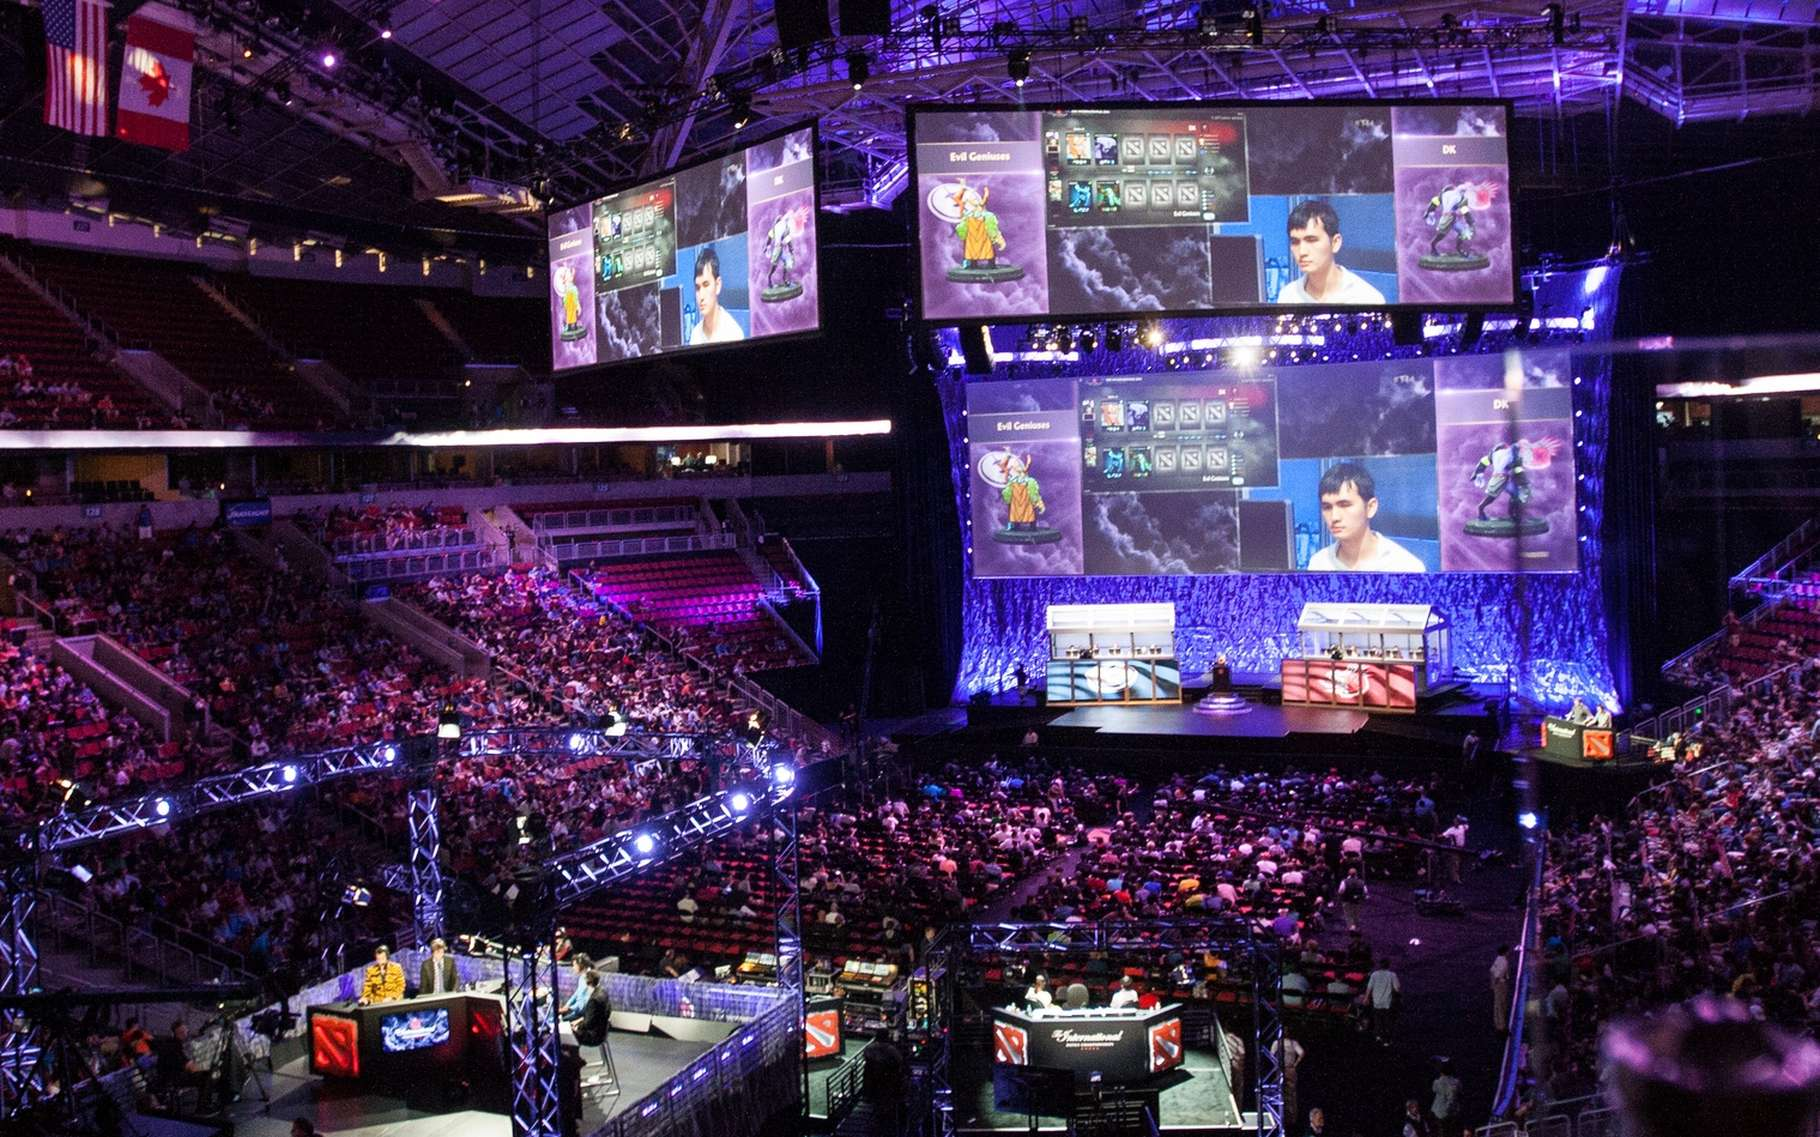 Les compétitions de jeux vidéo se déroulent dans le monde entier. Les évènements les plus importants réunissent les meilleurs joueurs de la planète qui s'affrontent en individuel ou par équipe. © Jakob Wells, Wikimedia Commons, CC by 2.0